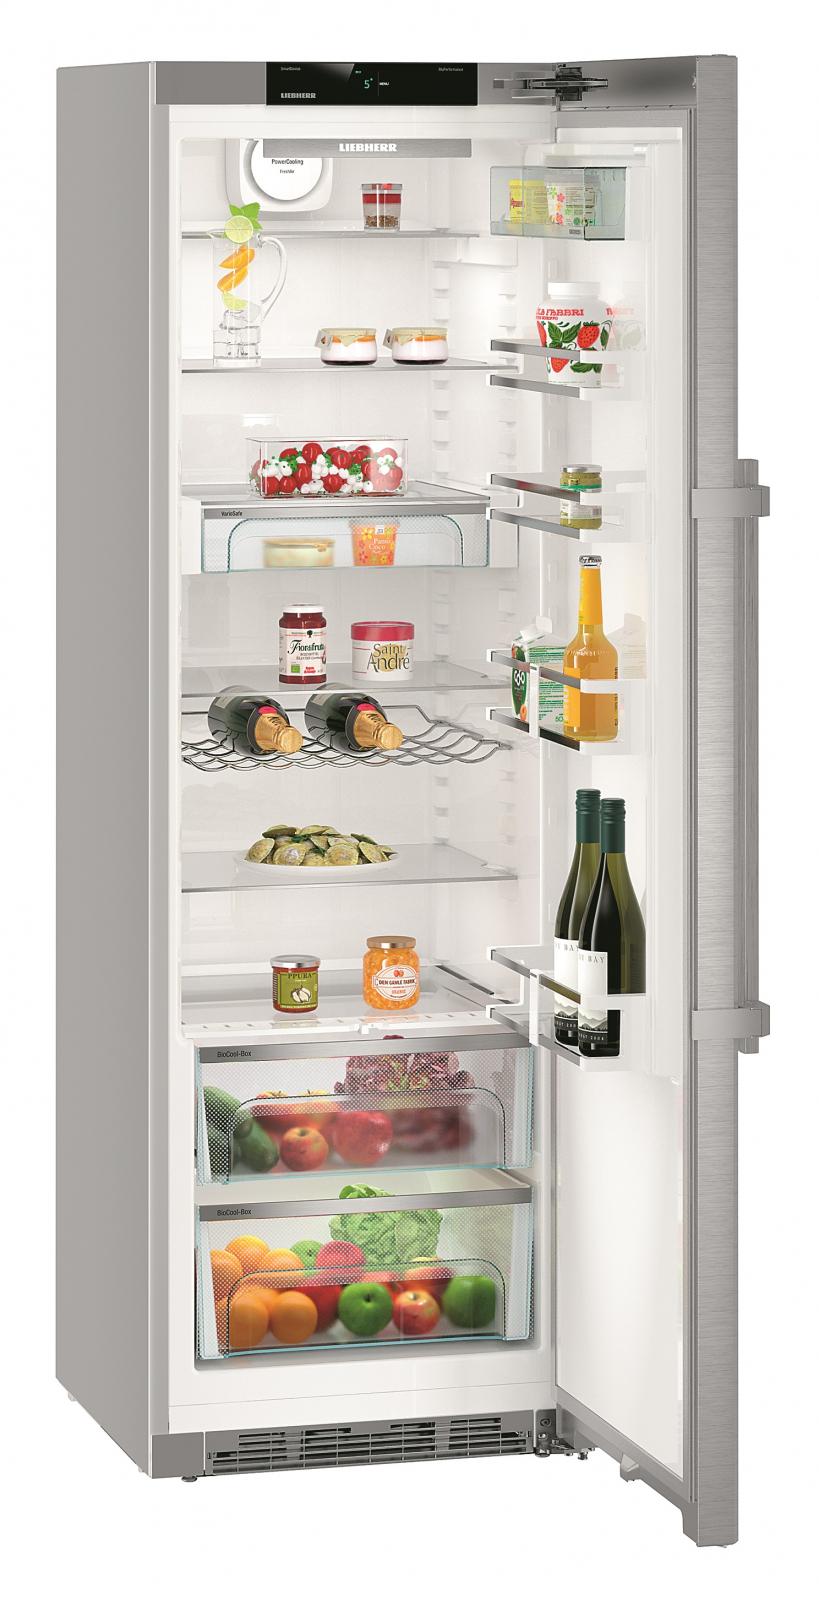 купить Однокамерный холодильник Liebherr KPef 4350 Украина фото 0